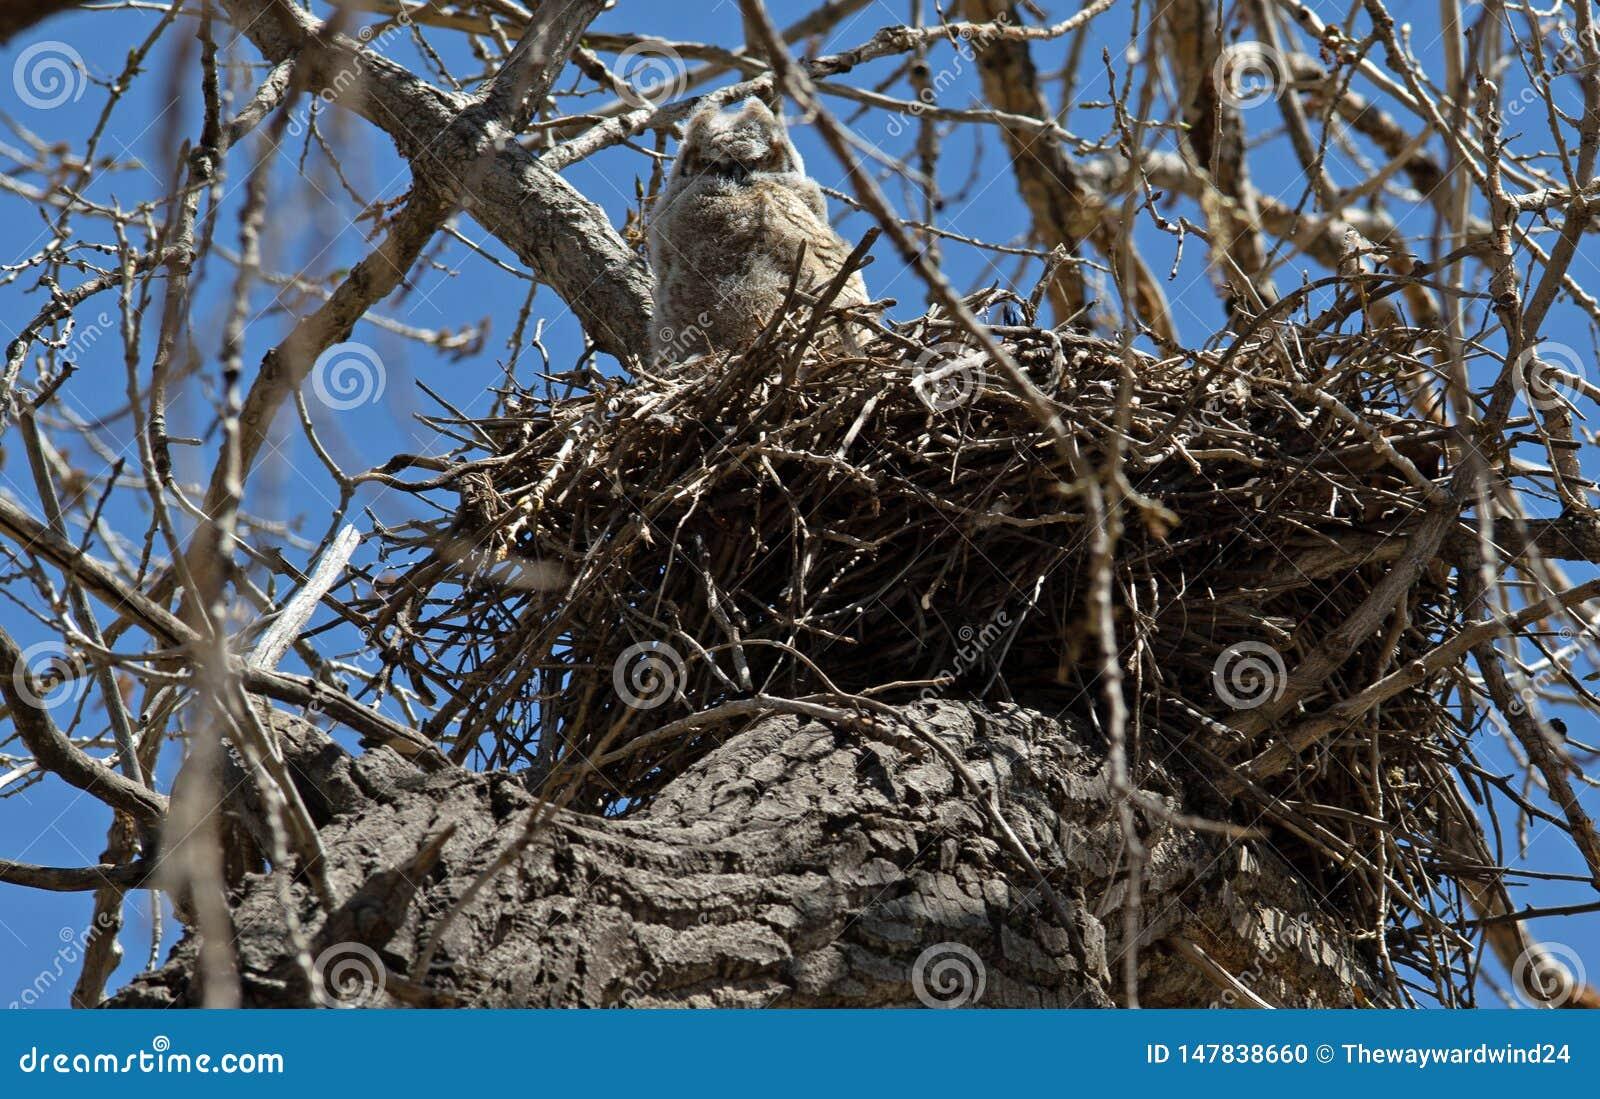 Μεγάλο κερασφόρο Owlet στη φωλιά